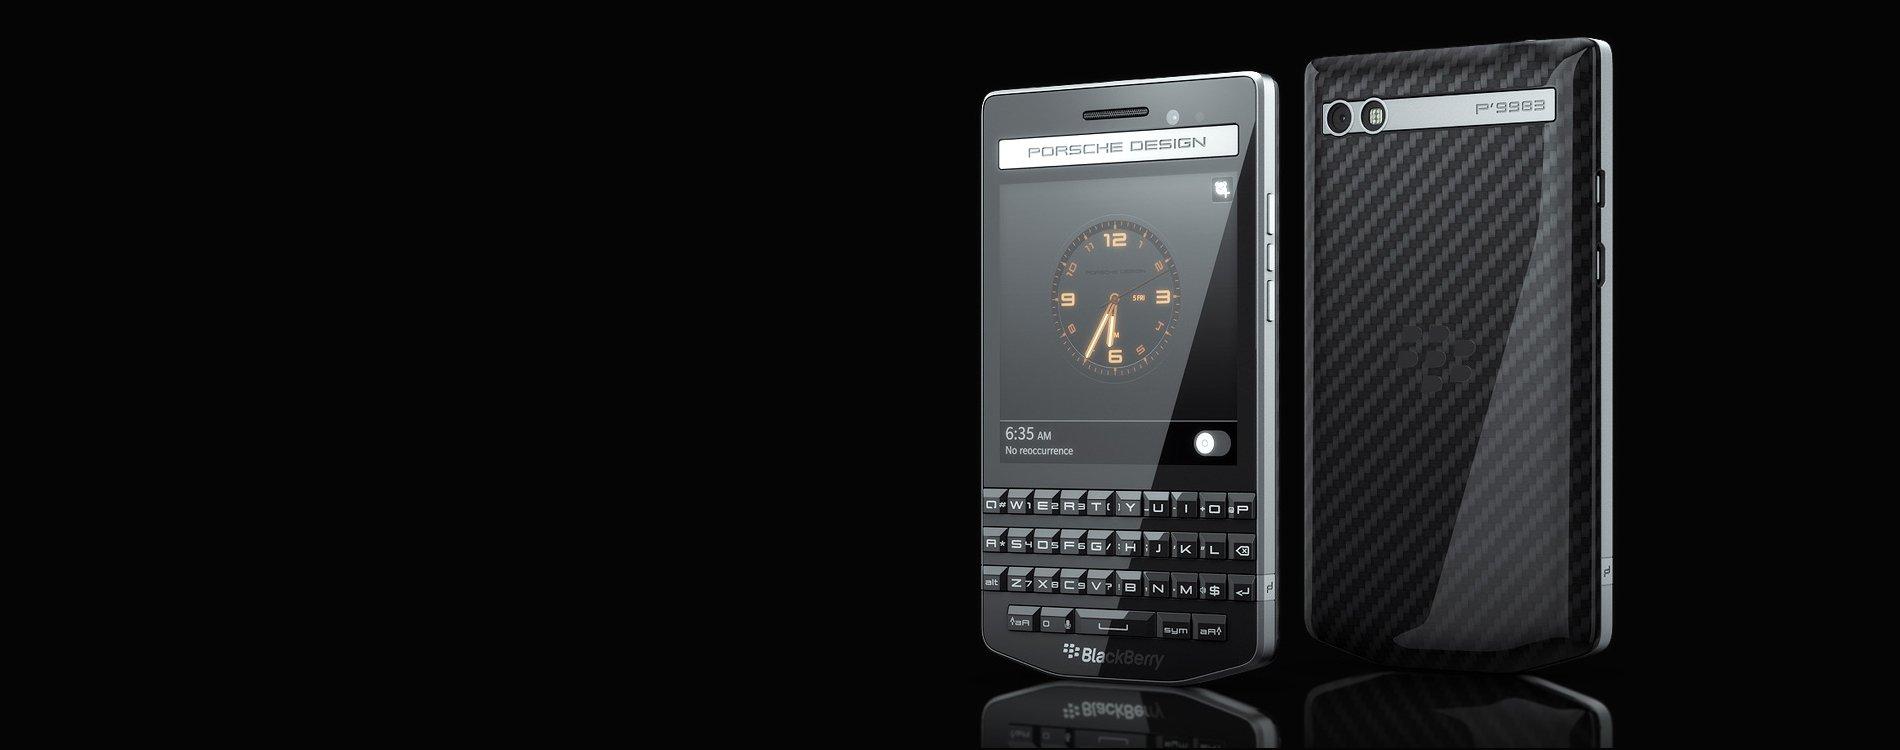 La nueva Blackberry de lujo